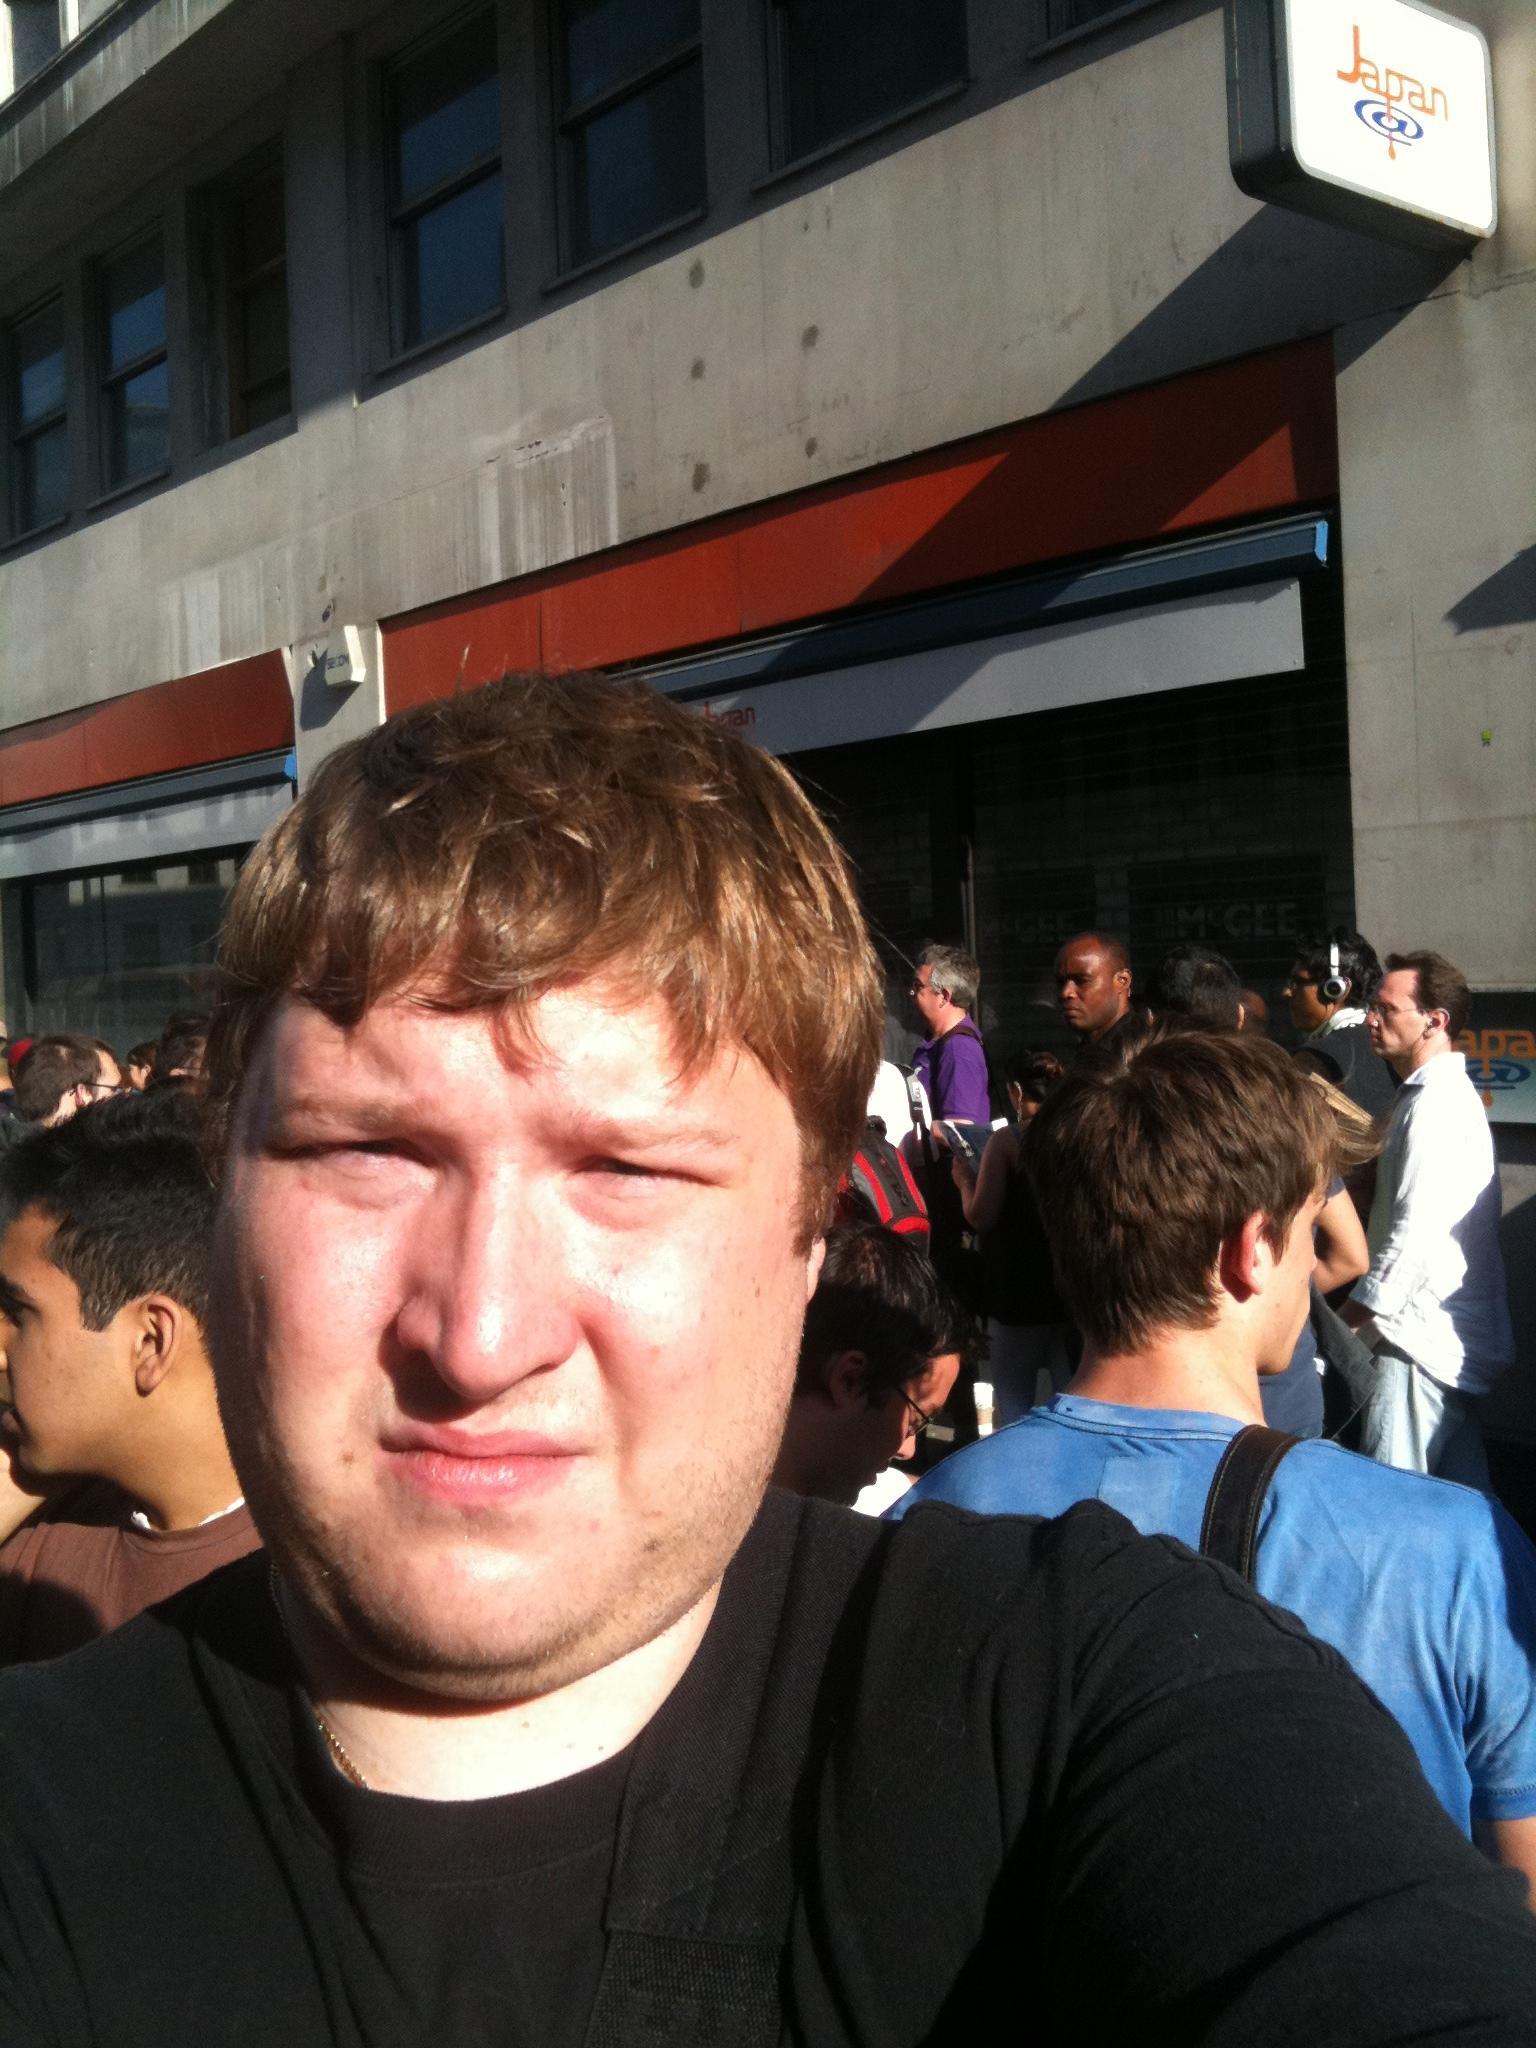 Amobils utsendte, Finn Jarle Kvalheim, må håndtere mye varme, sterkt sollys og en lang kø for å få tak i Iphone 4.